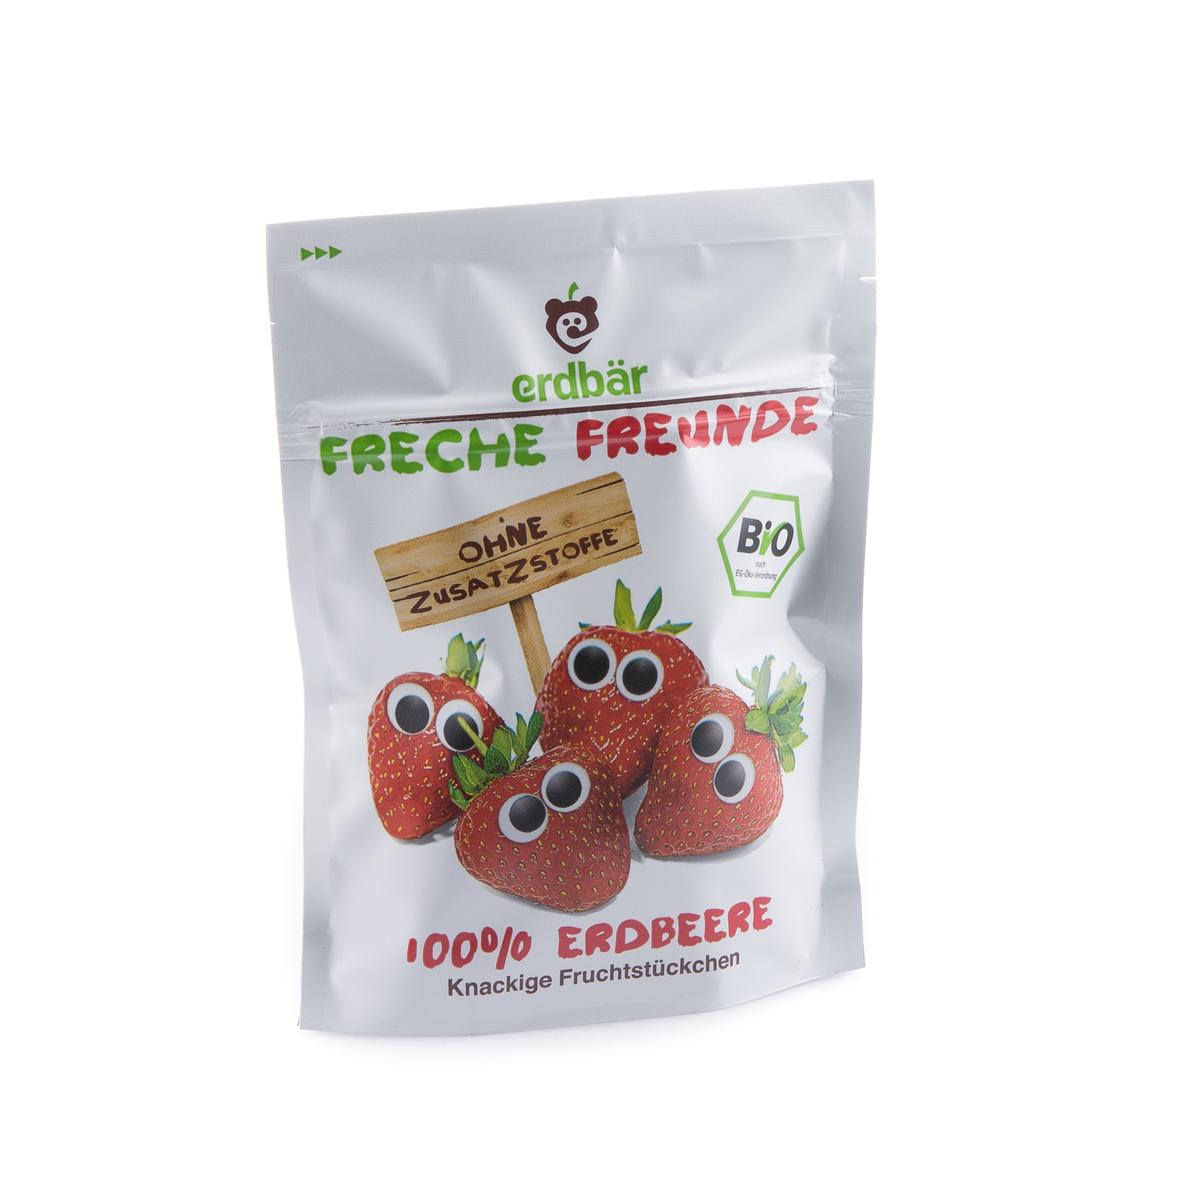 Fruchtchips Erdbeere Beutel 12 g - Freche Freunde